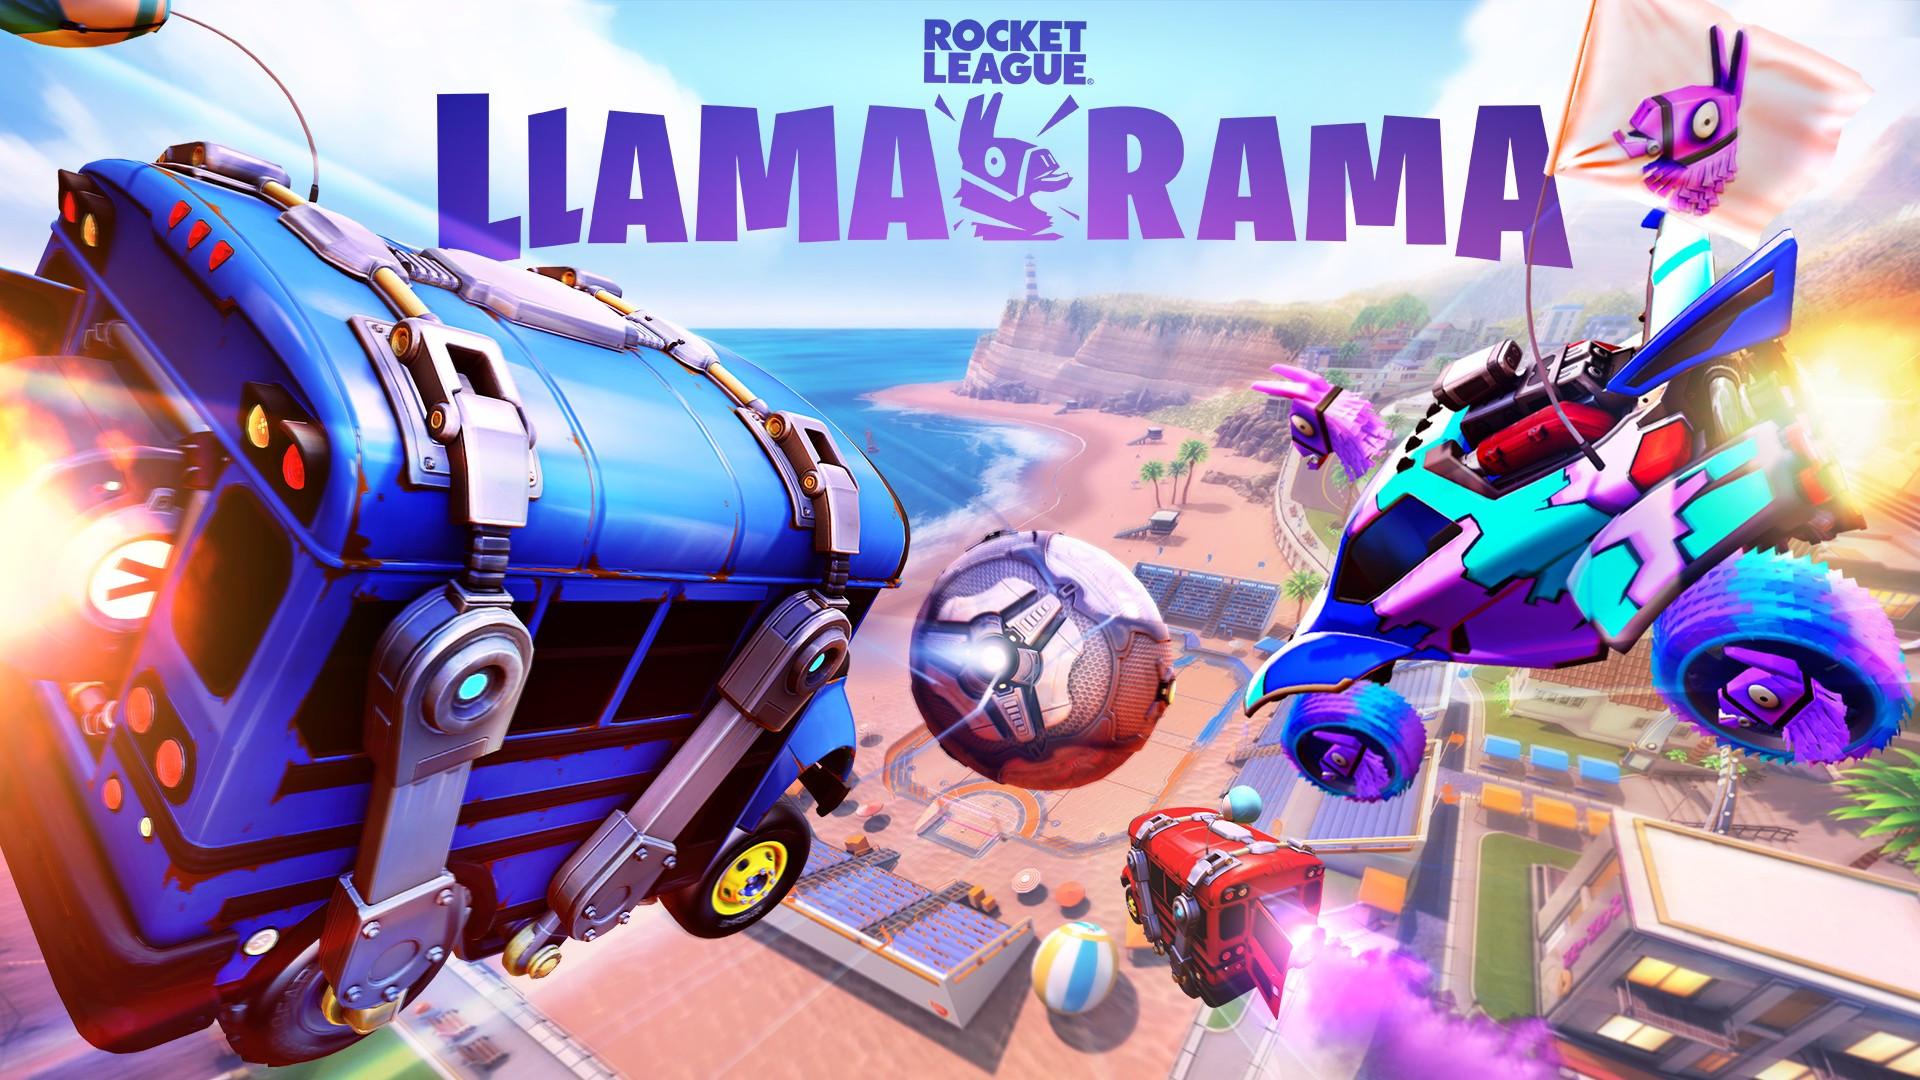 Llama Rama Fortnite Rocket League